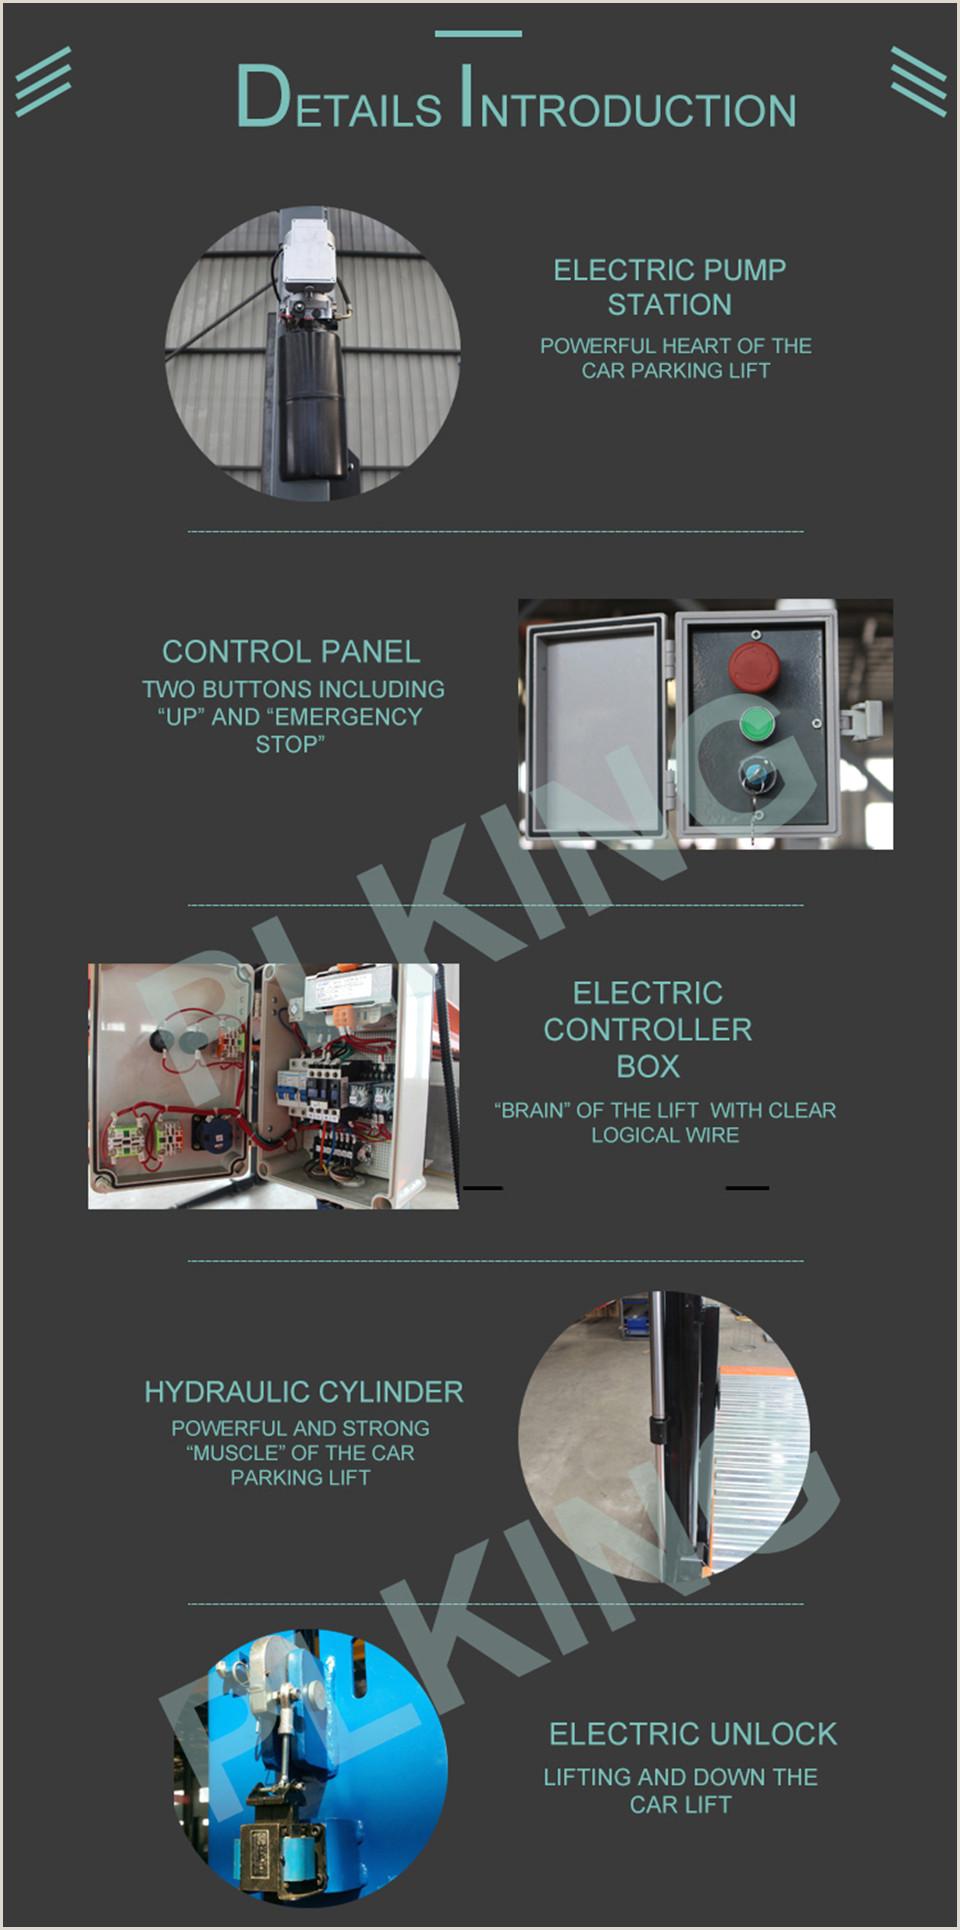 Cilindro hidráulico de elevaci³n de 4 postes